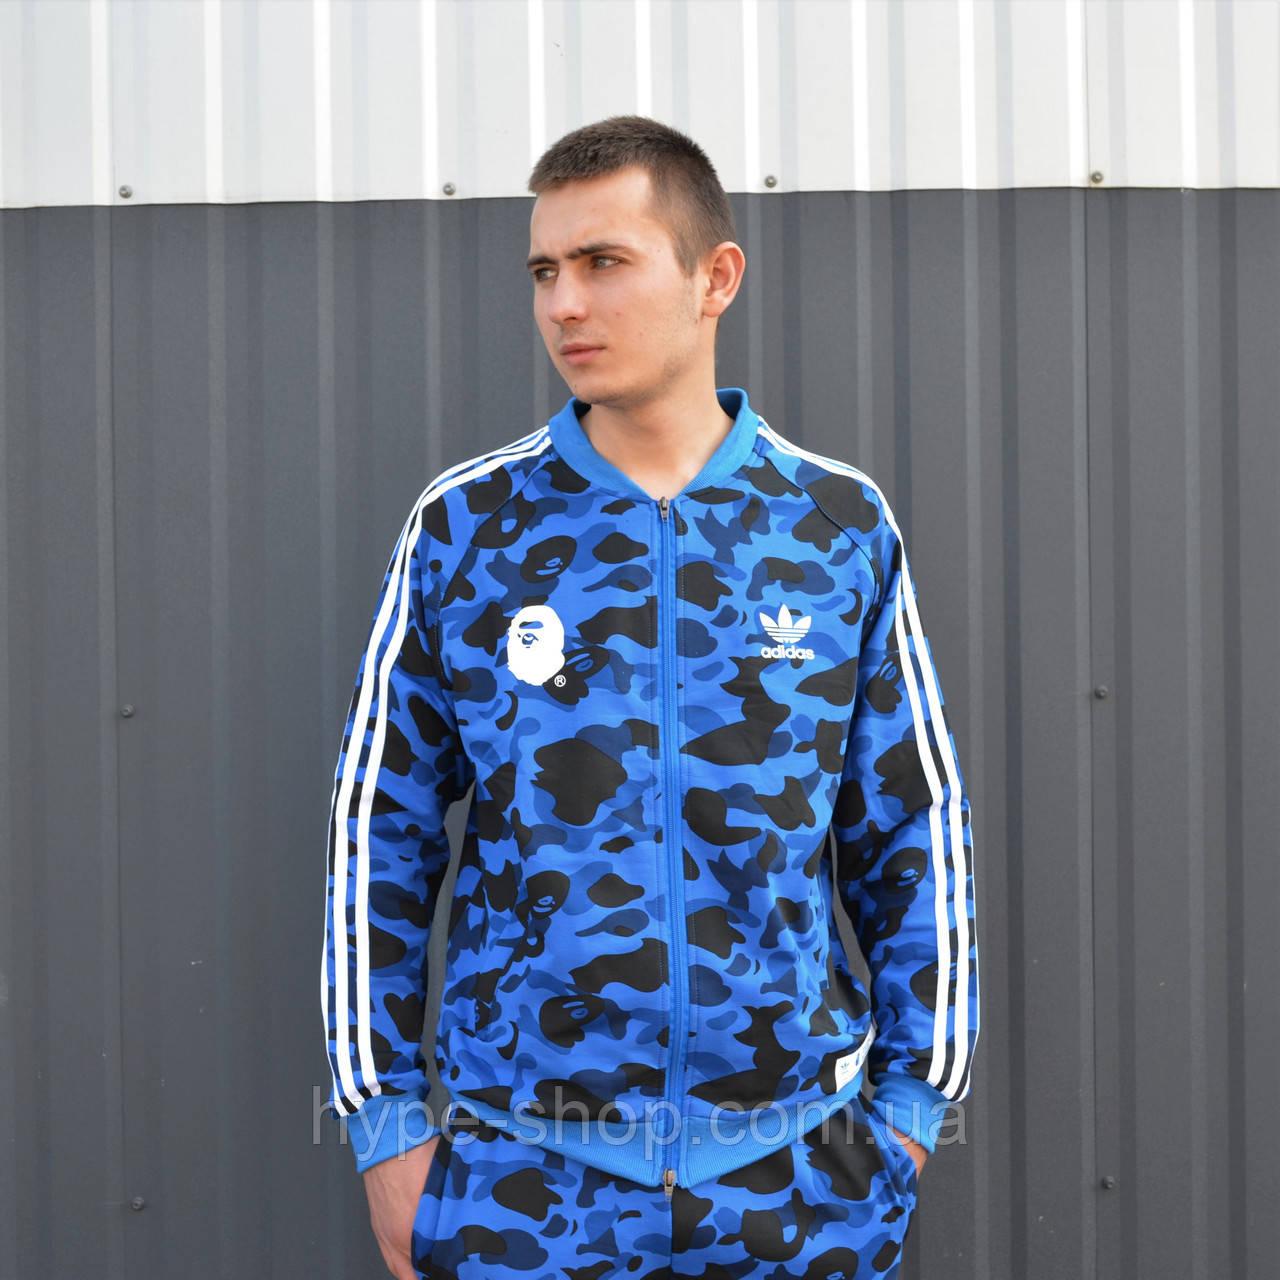 Чоловіча олімпійка в стилі Bape x Adidas Camo